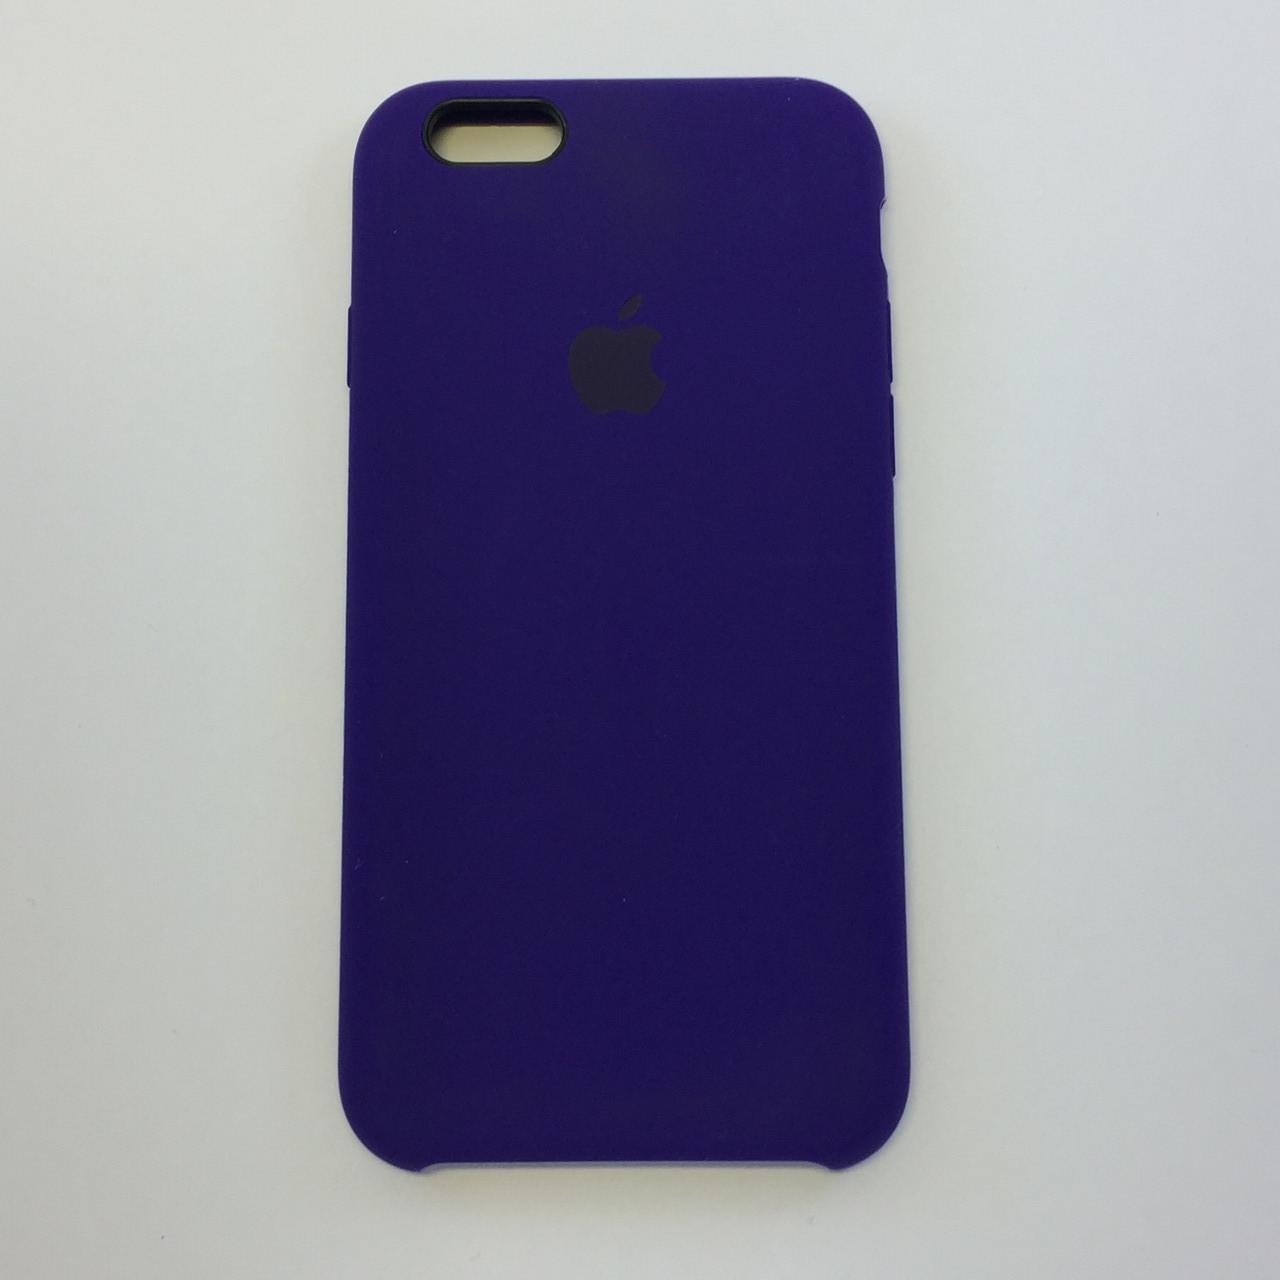 Силиконовый чехол iPhone 6/6s, ультрафиолет, copy original